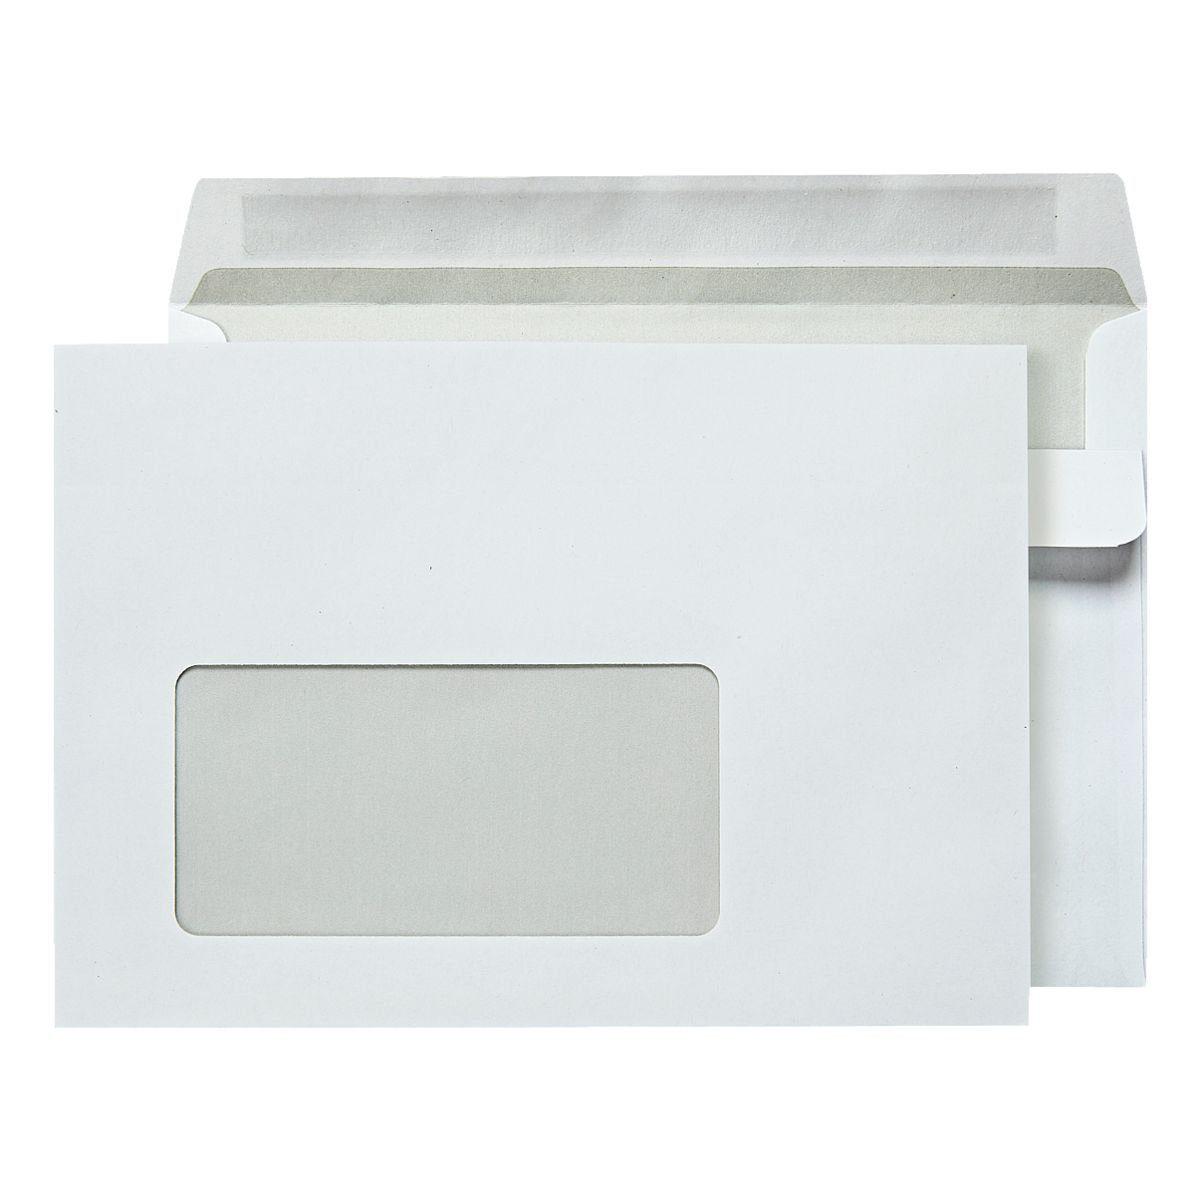 OTTOOFFICE STANDARD Briefumschläge C6 mit Fenster und Selbstklebung - 100 St...